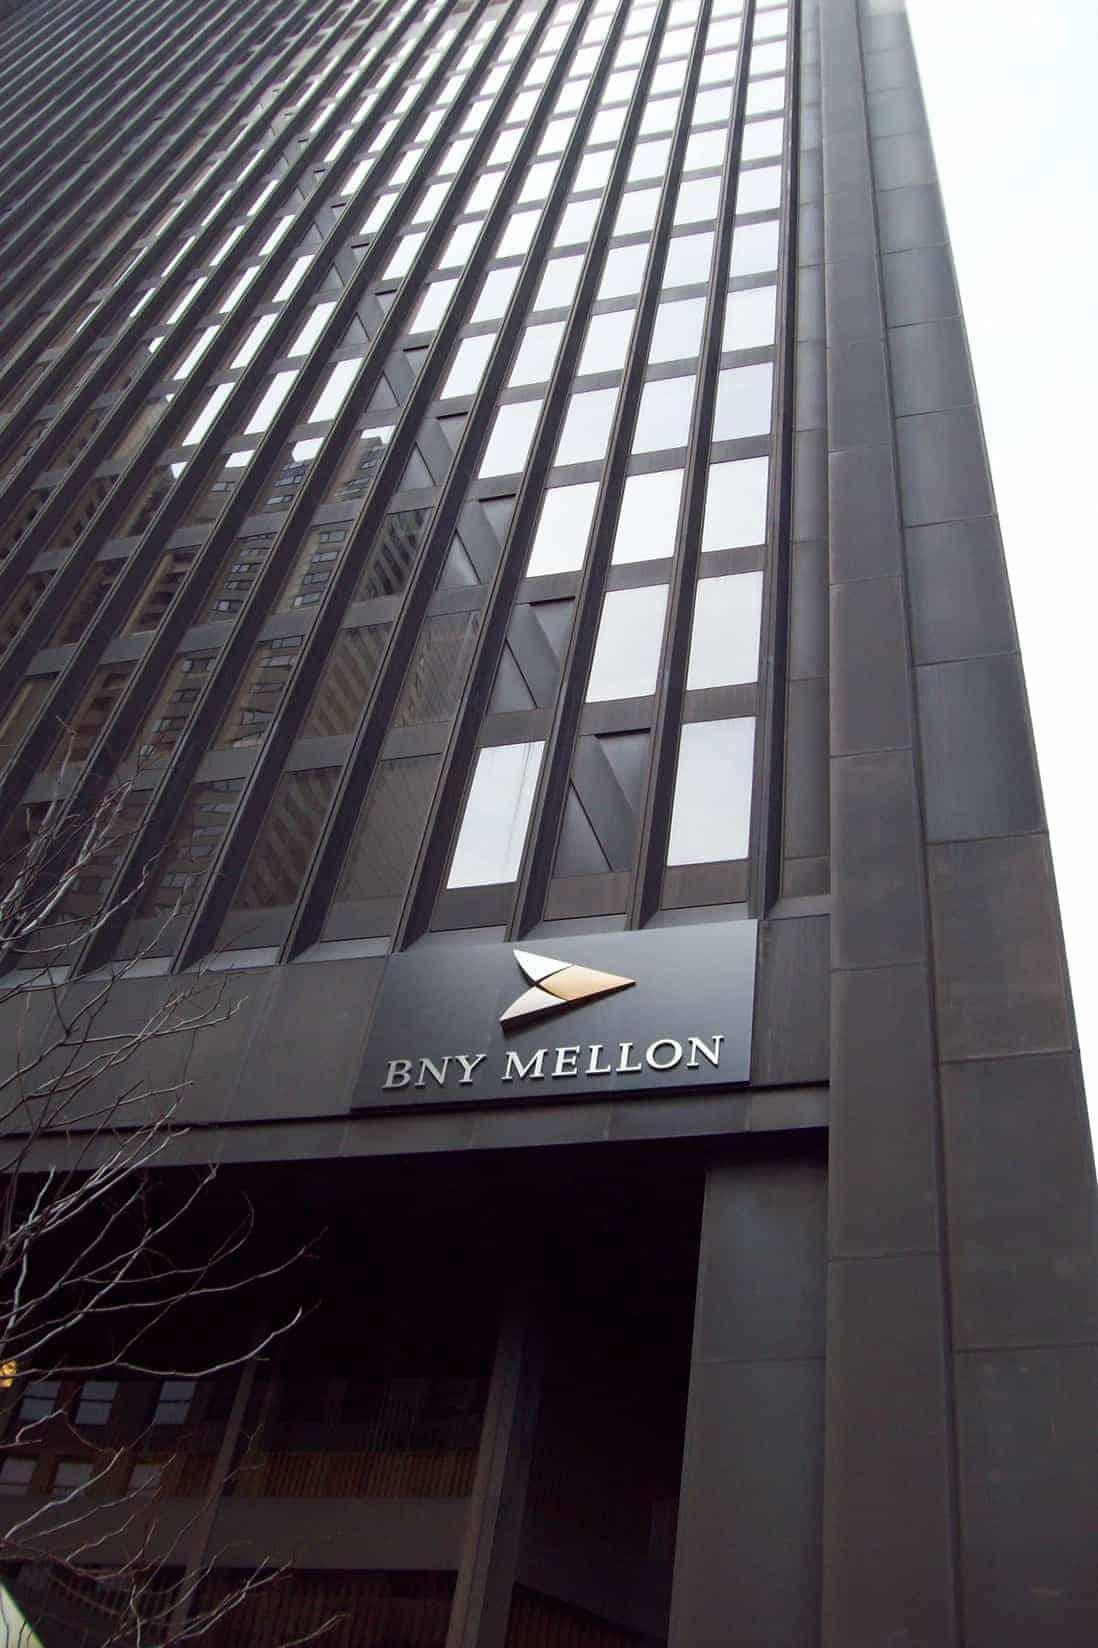 BNY Mellon7